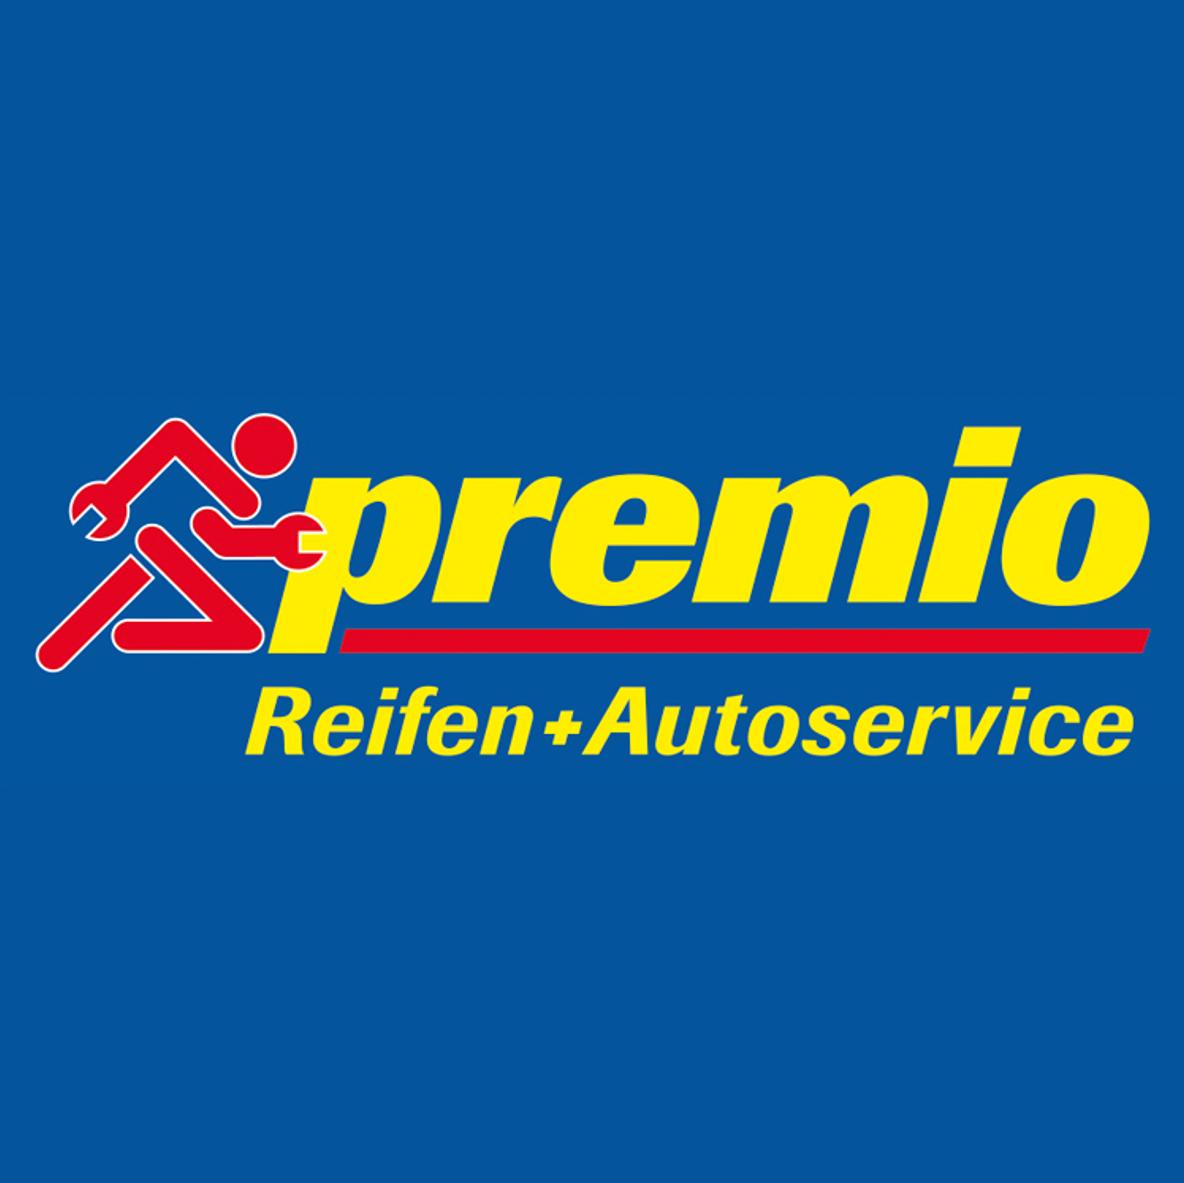 Premio Reifen + Autoservice Reifen- und Autohaus Knötgen GmbH